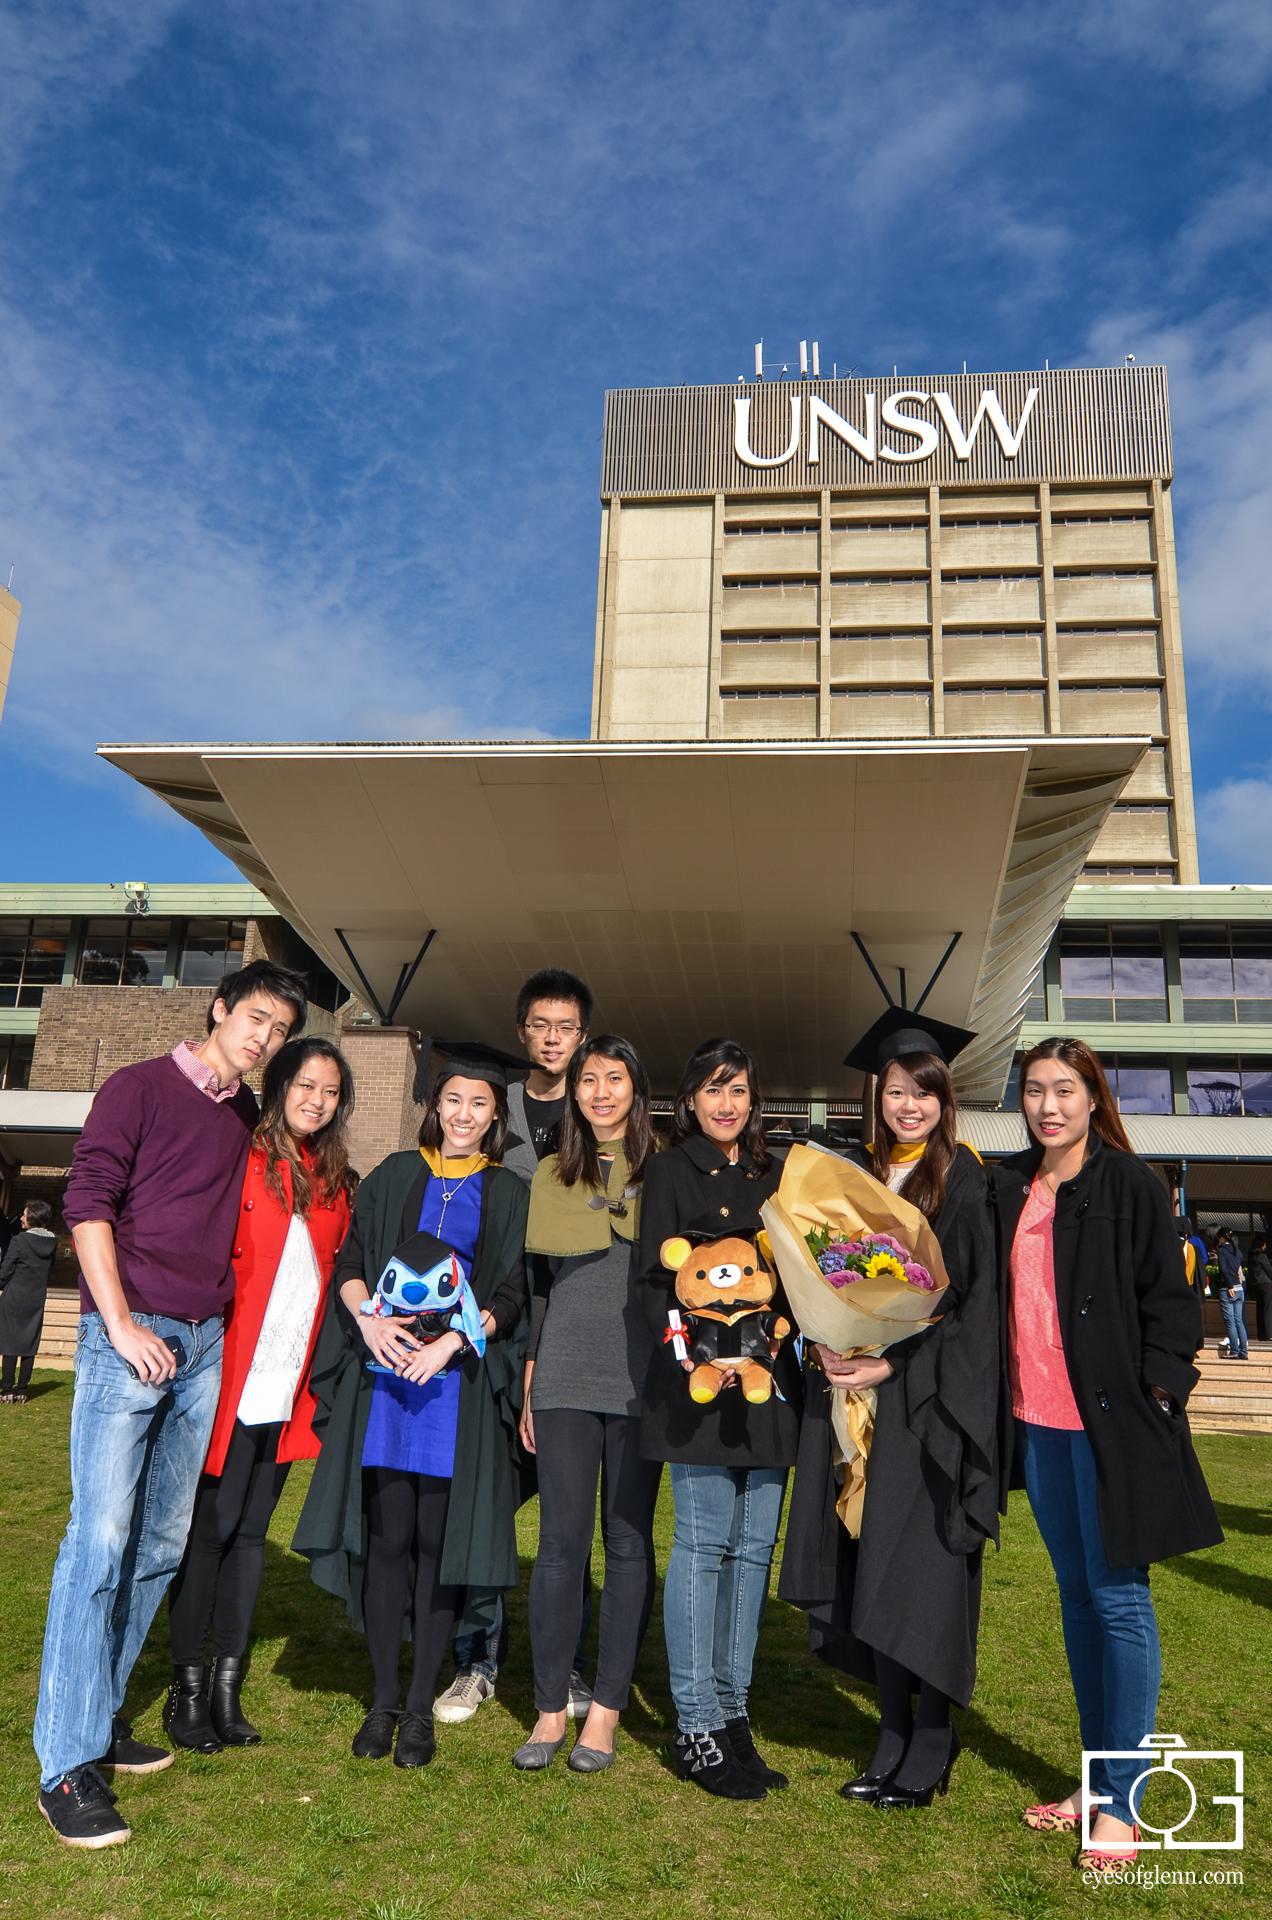 Science Graduate UNSW